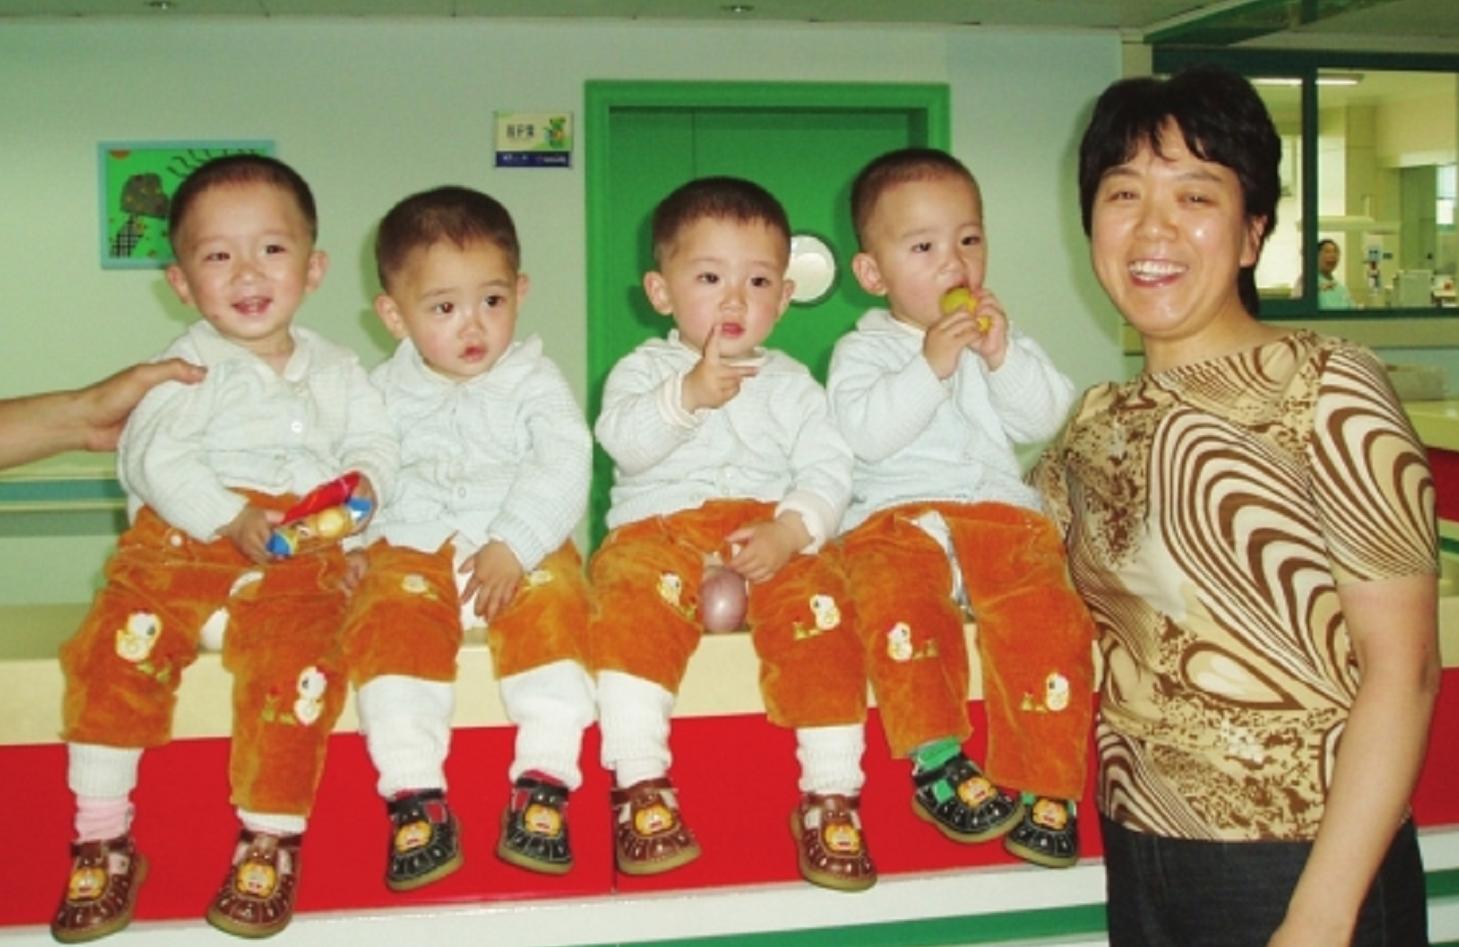 河南一孕妇第三胎生全男四胞胎,概率仅为325万分之一,父亲取名:繁荣昌盛